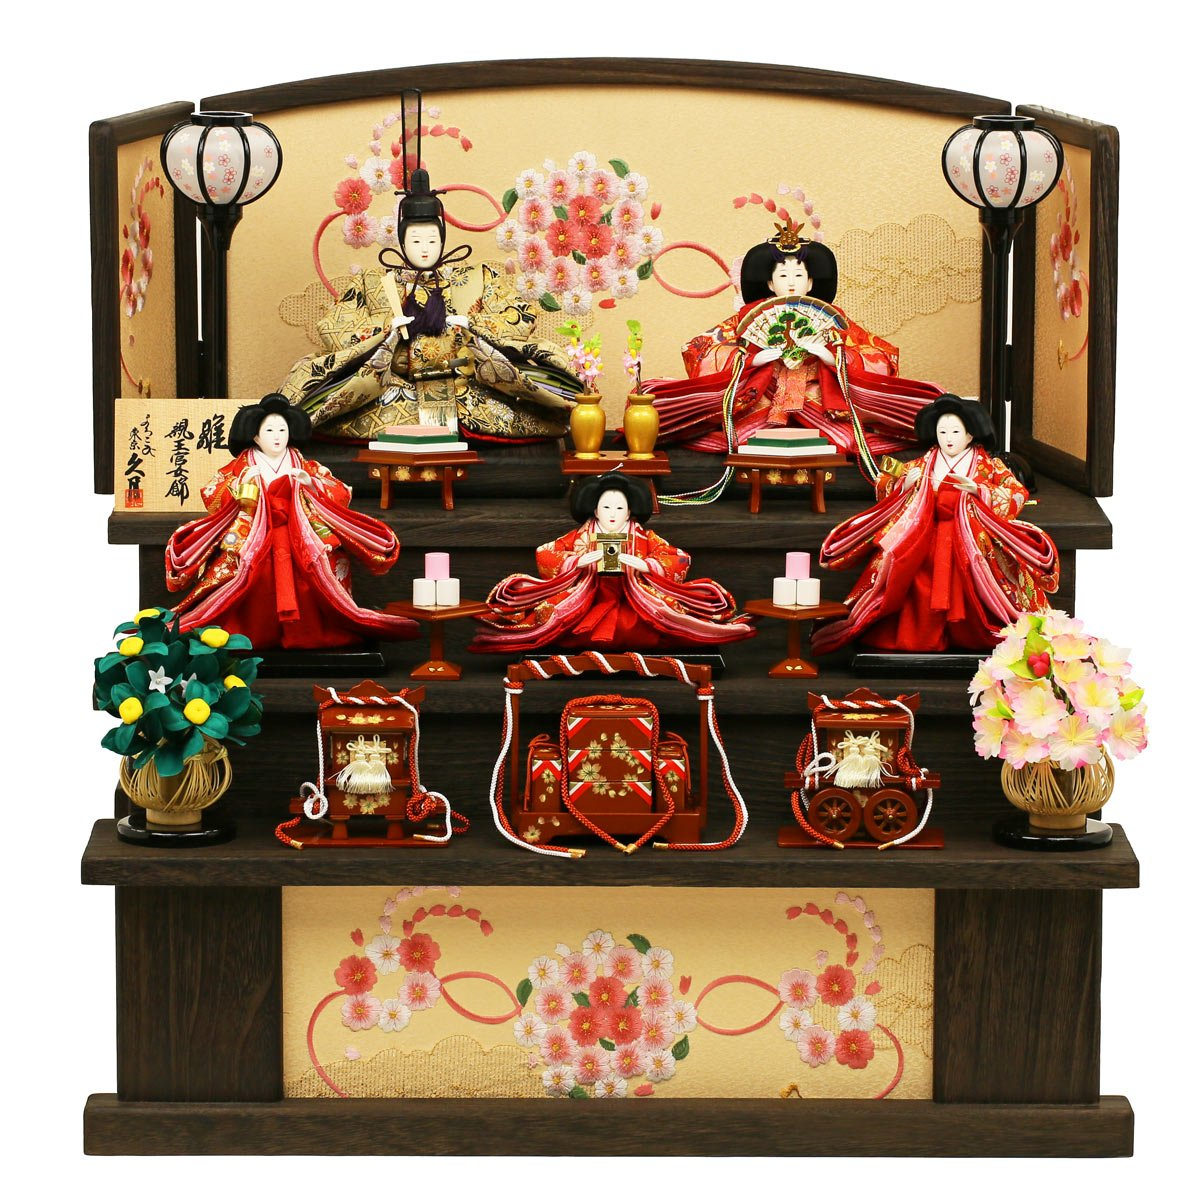 久月 雛人形 親王官女飾り 束帯十二単姿雛   B01ARBPLMI